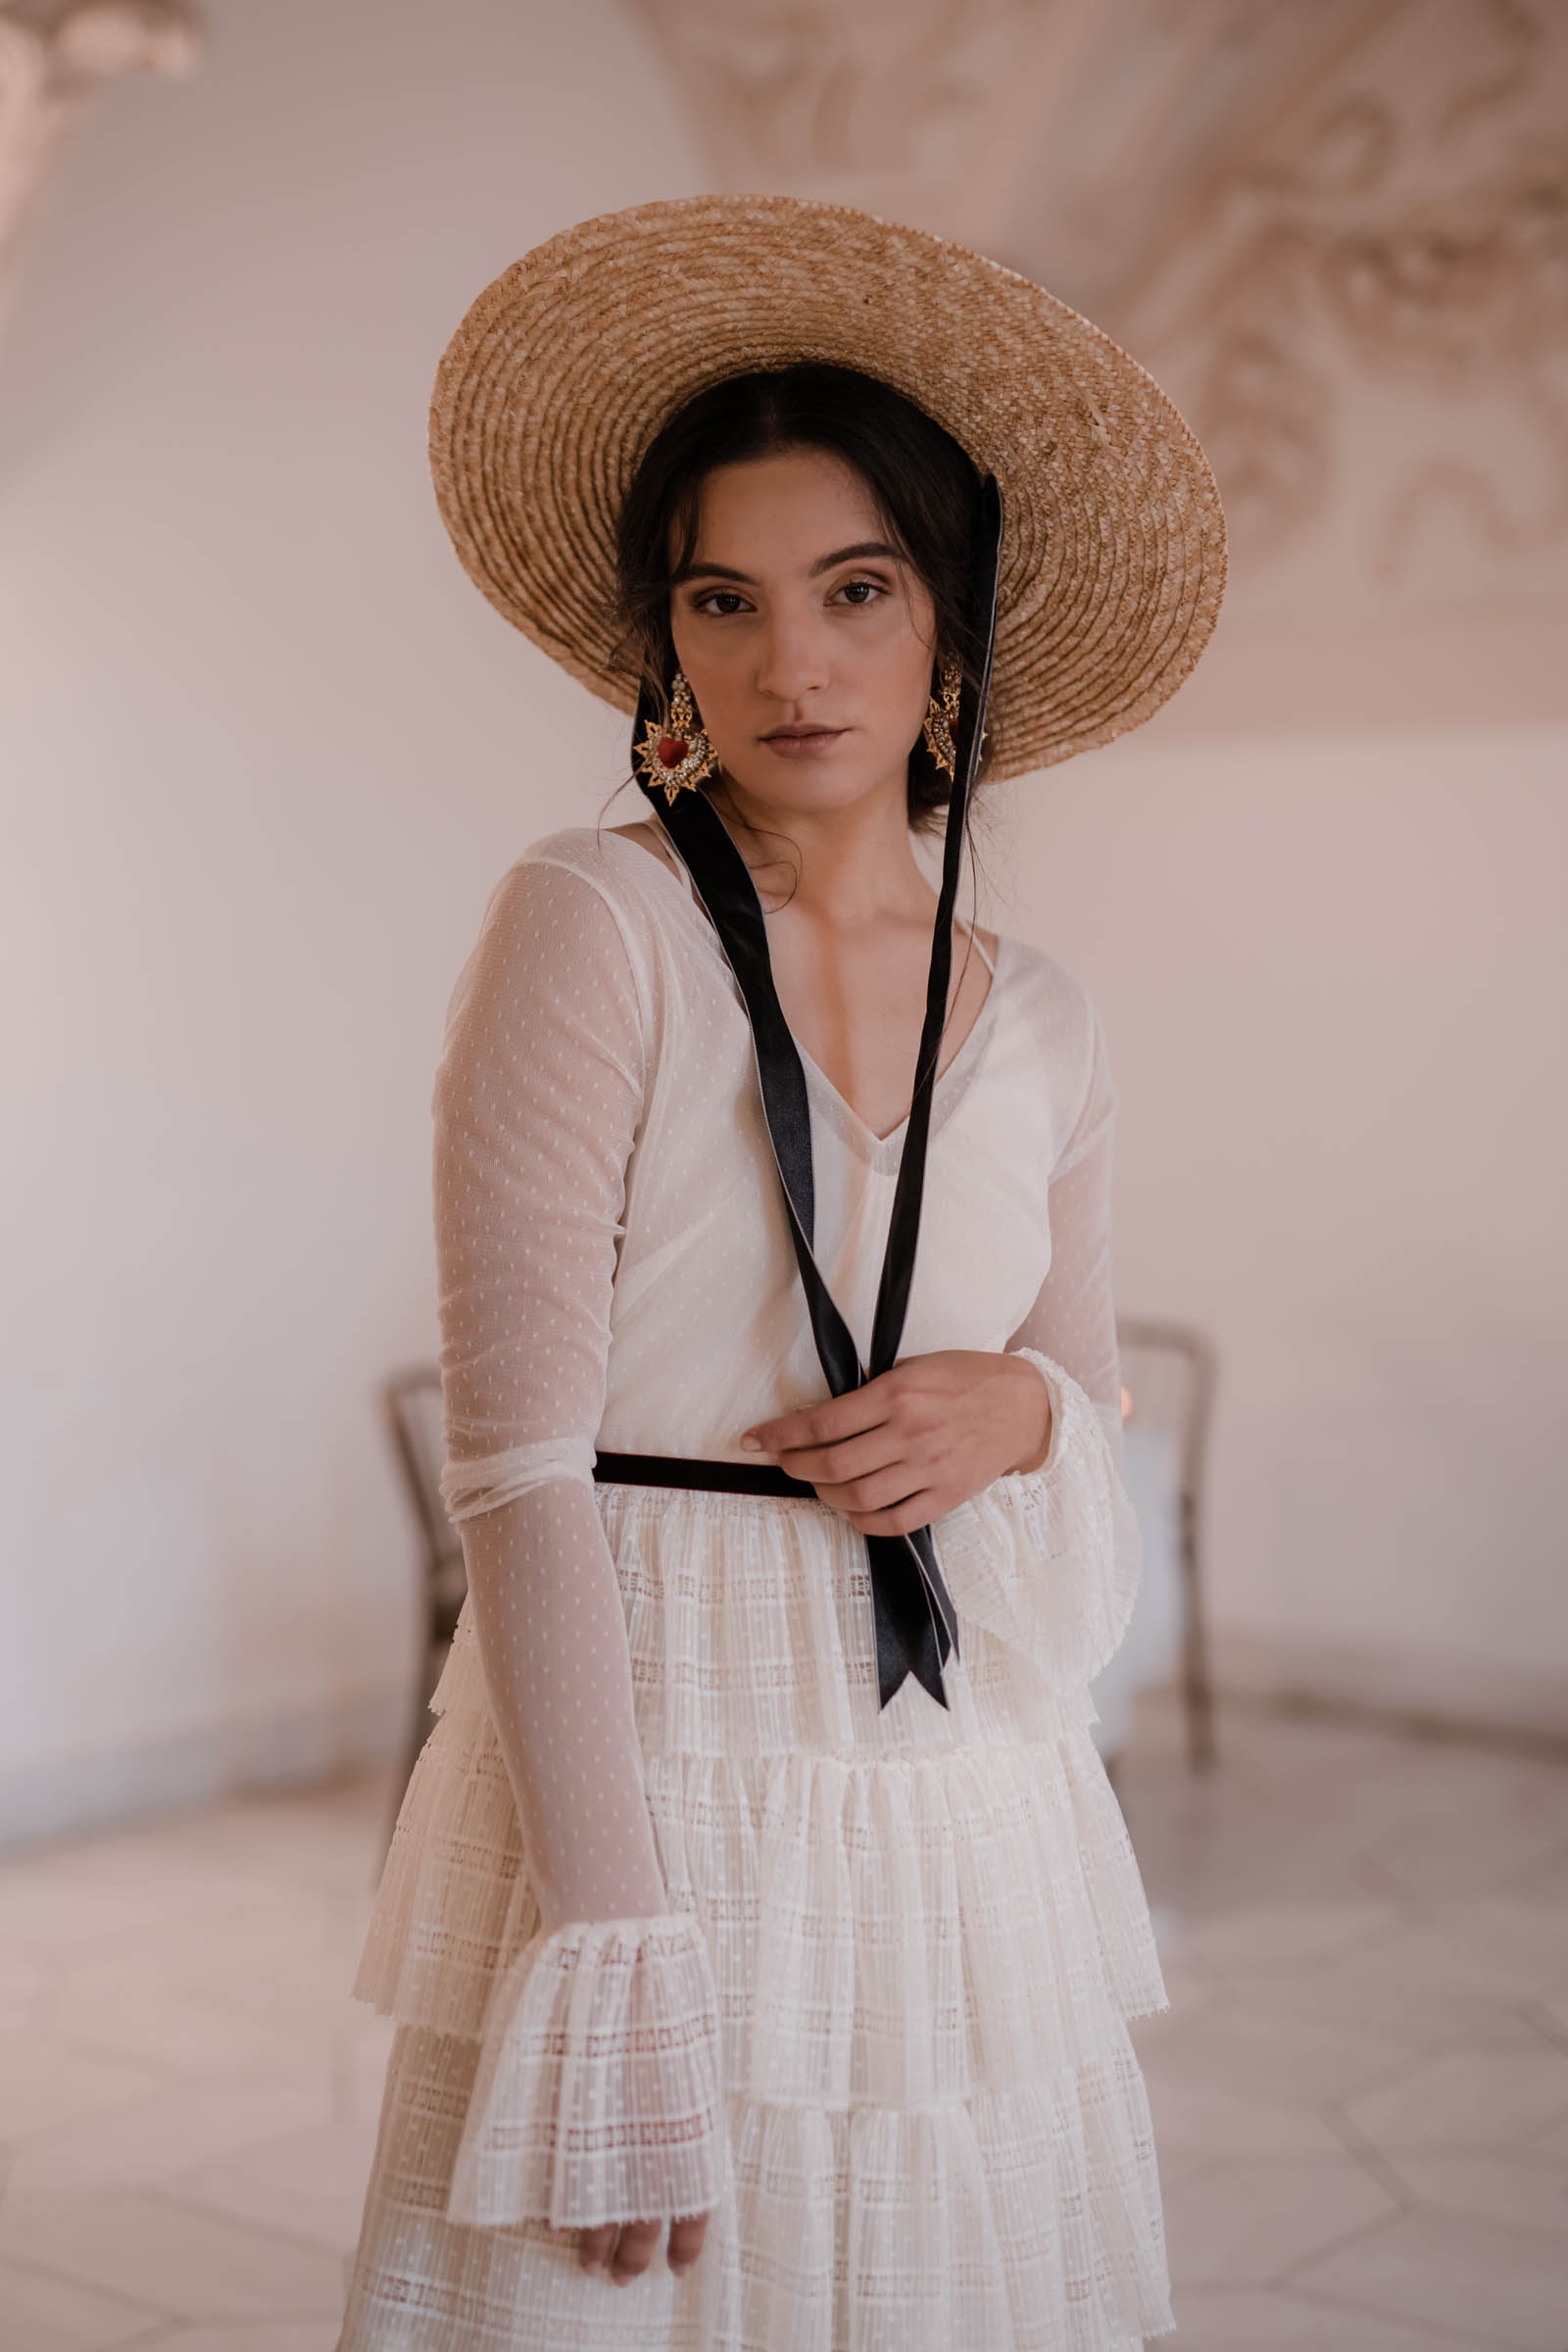 boho-svadobne-saty-veronika-kostkova-wedding-atelier-2019-noa-1